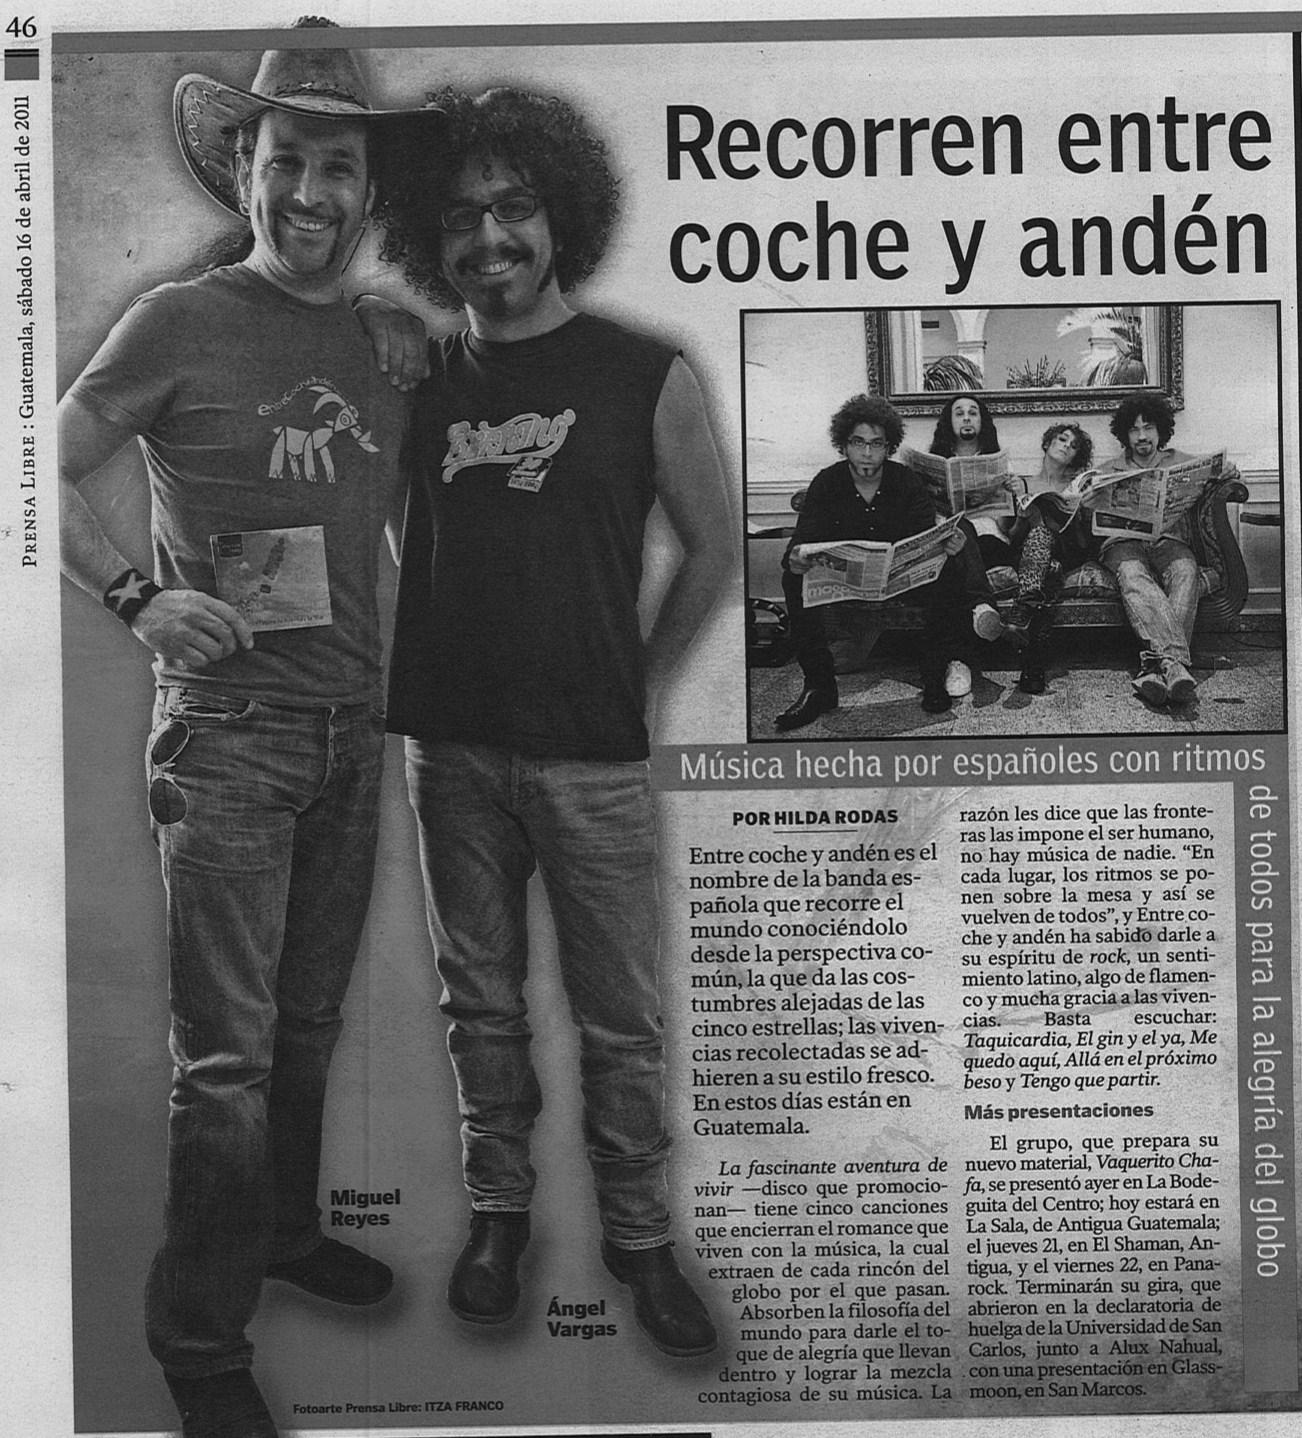 5. Prensa libre (Guatemala) 8 de abril de 2011 (2)